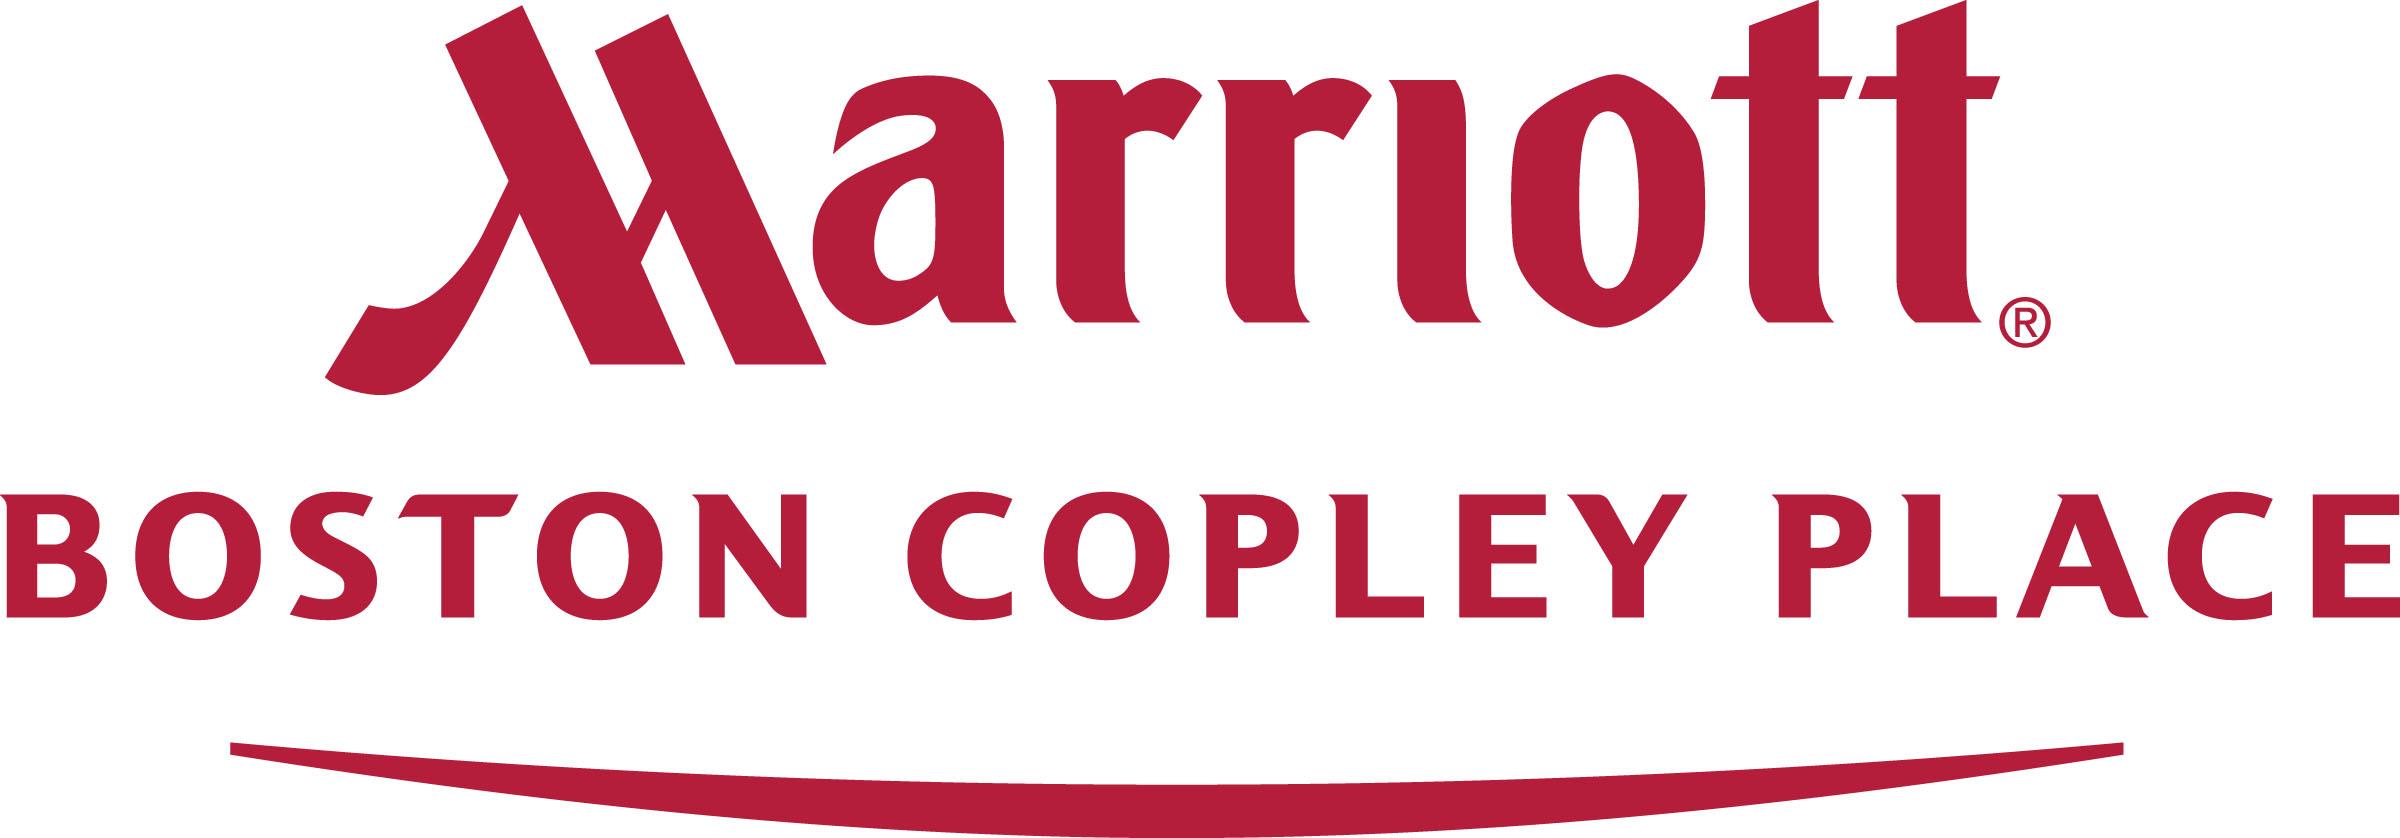 Marriott_BostonCopley_LOGO_clr.jpg